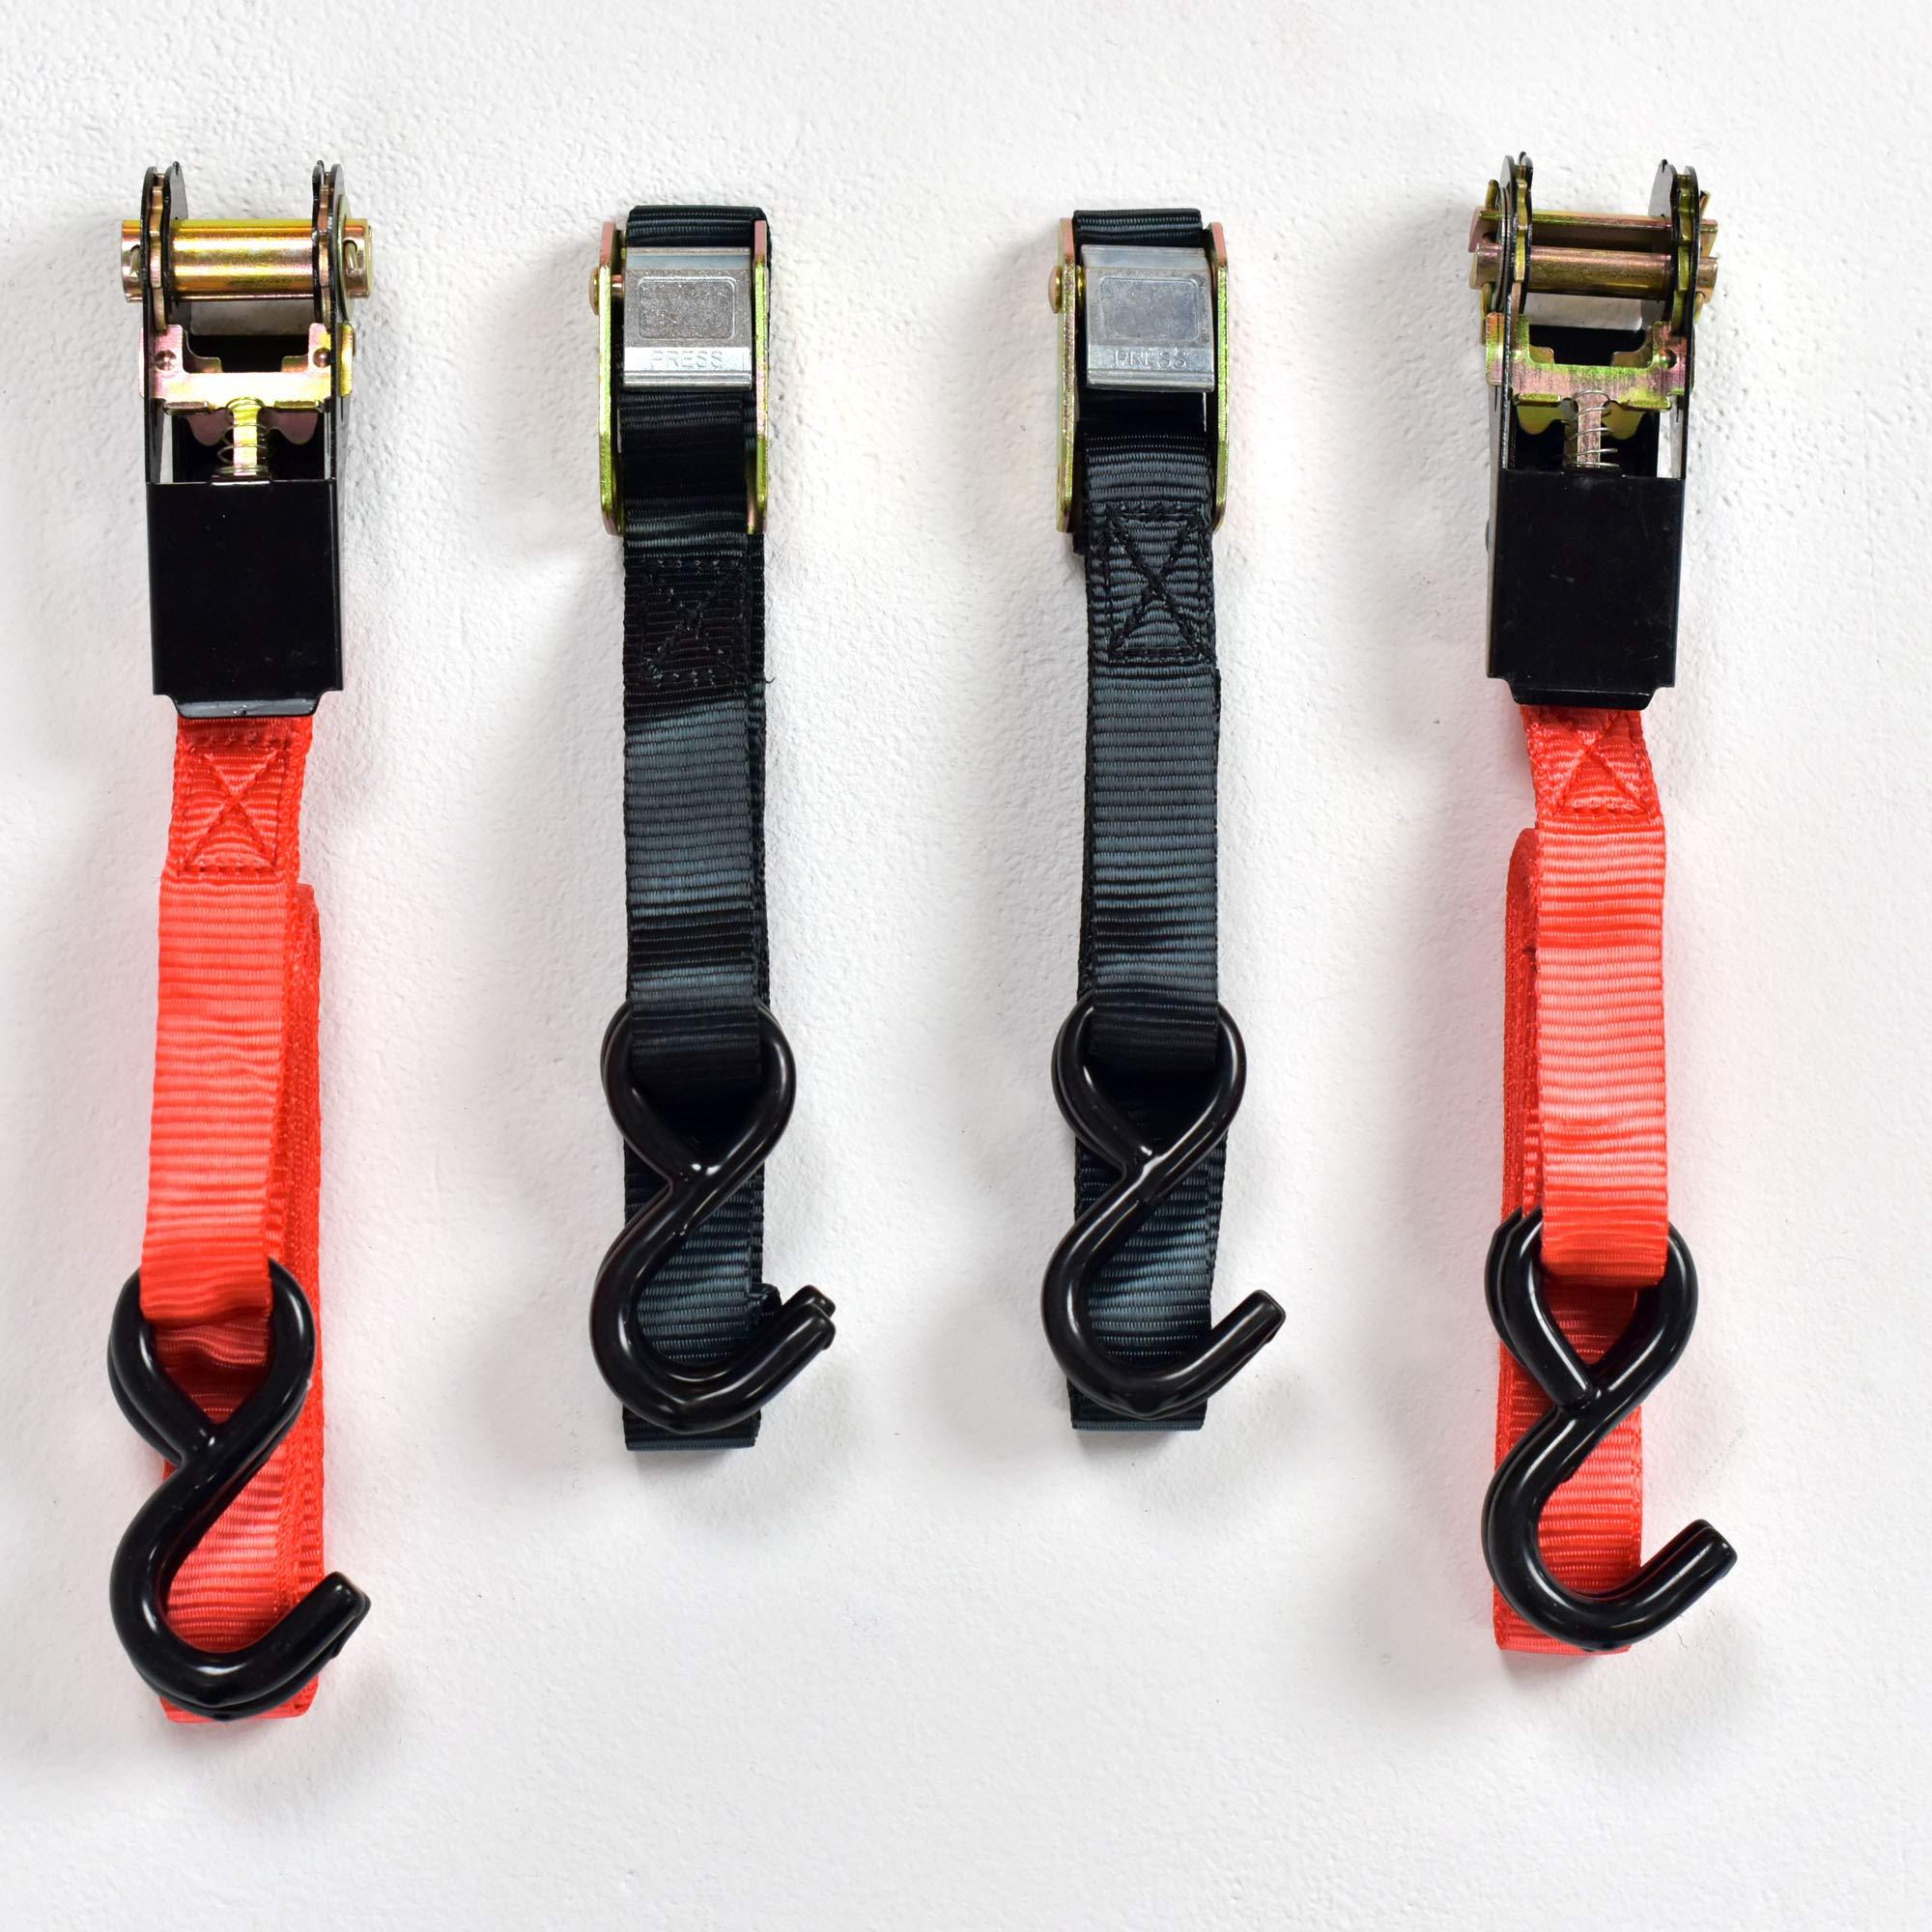 4pc Ratchet/Cambuckle Tie Down Set